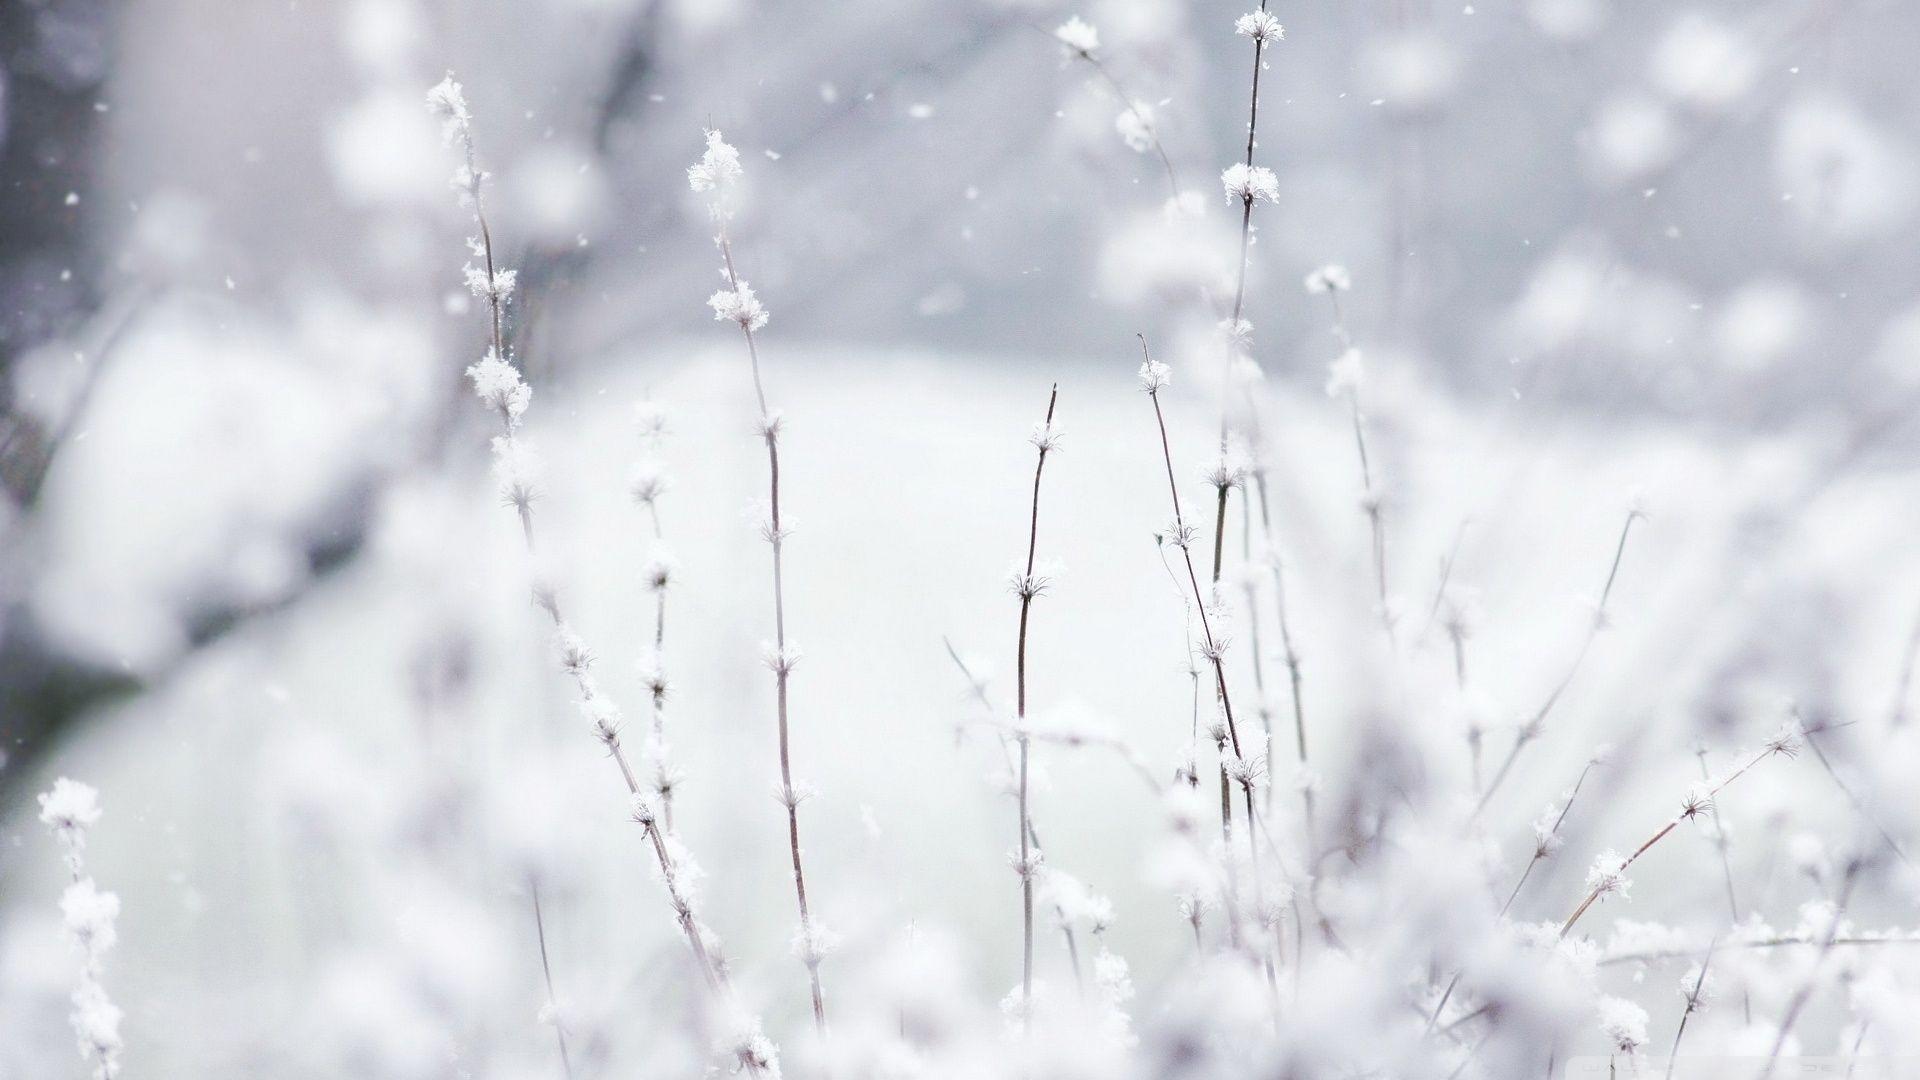 Epingle Par Le Paih Emeline Sur Winter Neige Paysage Hiver Paysage Enneige